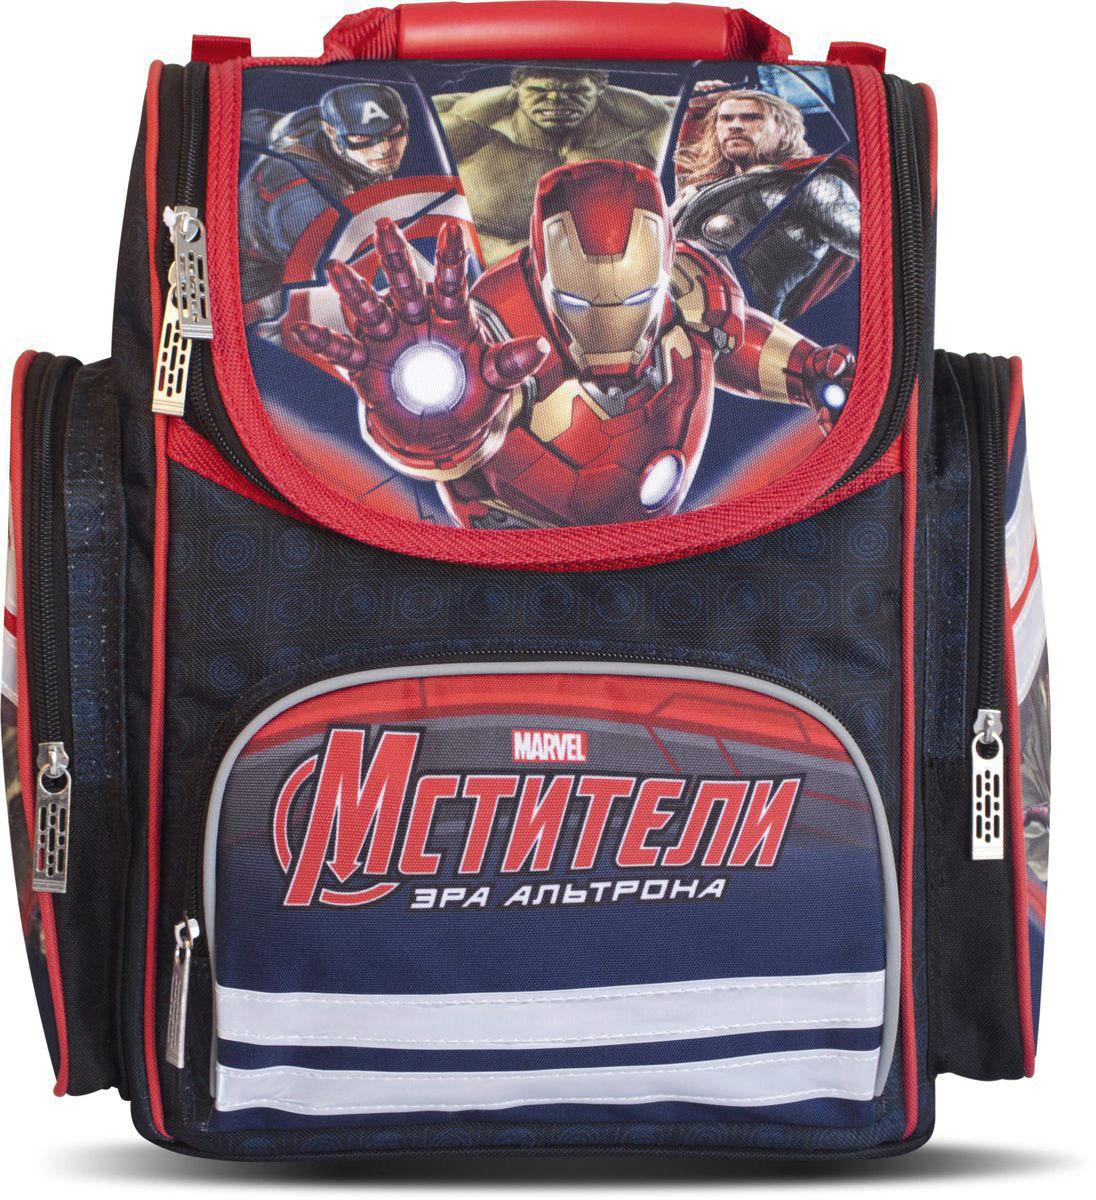 Marvel Ранец школьный Мстители Эра Альтрона цвет темно-синий красный29198Школьный ранец Marvel Мстители. Эра Альтрона выполнен из 100% полиэстера.Ранец имеет одно основное отделение, закрывающееся клапаном на молнию с двумя бегунками. Клапан полностью откидывается, что существенно облегчает пользование ранцем. На внутренней части клапана находится прозрачный пластиковый кармашек, в который можно поместить данные о владельце ранца. Внутри главного отделения расположены две мягкие перегородки, фиксирующиеся хлястиком на липучке. Дно ранца можно сделать жестким, разложив специальную панель с пластиковой вставкой, что повышает сохранность содержимого ранца и способствует правильному распределению нагрузки.На лицевой стороне ранца расположен накладной карман на застежке-молнии. По бокам ранца размещены два дополнительных накладных кармана на молнии.Ортопедическая спинка, созданная по специальной технологии из дышащего материала, равномерно распределяет нагрузку на плечевые суставы и спину. В нижней части спинки расположен поясничный упор - небольшой валик, на который при правильном ношении ранца будет приходиться основная нагрузка.Ранец оснащен удобной ручкой для переноски и двумя широкими лямками регулируемой длины. Светоотражающие элементы обеспечивают безопасность в темное время суток.